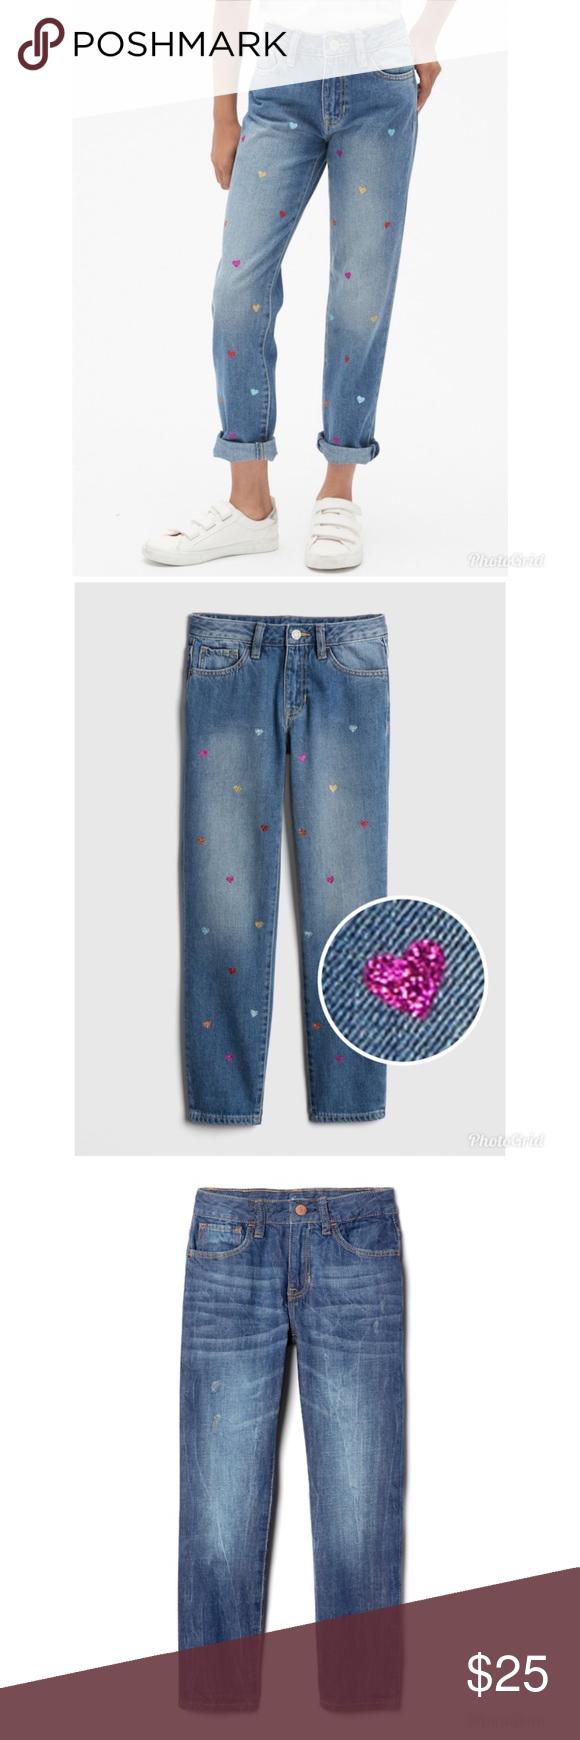 Gap NWT: Glitter Heart Girlfriend Jeans   Girlfriend jeans